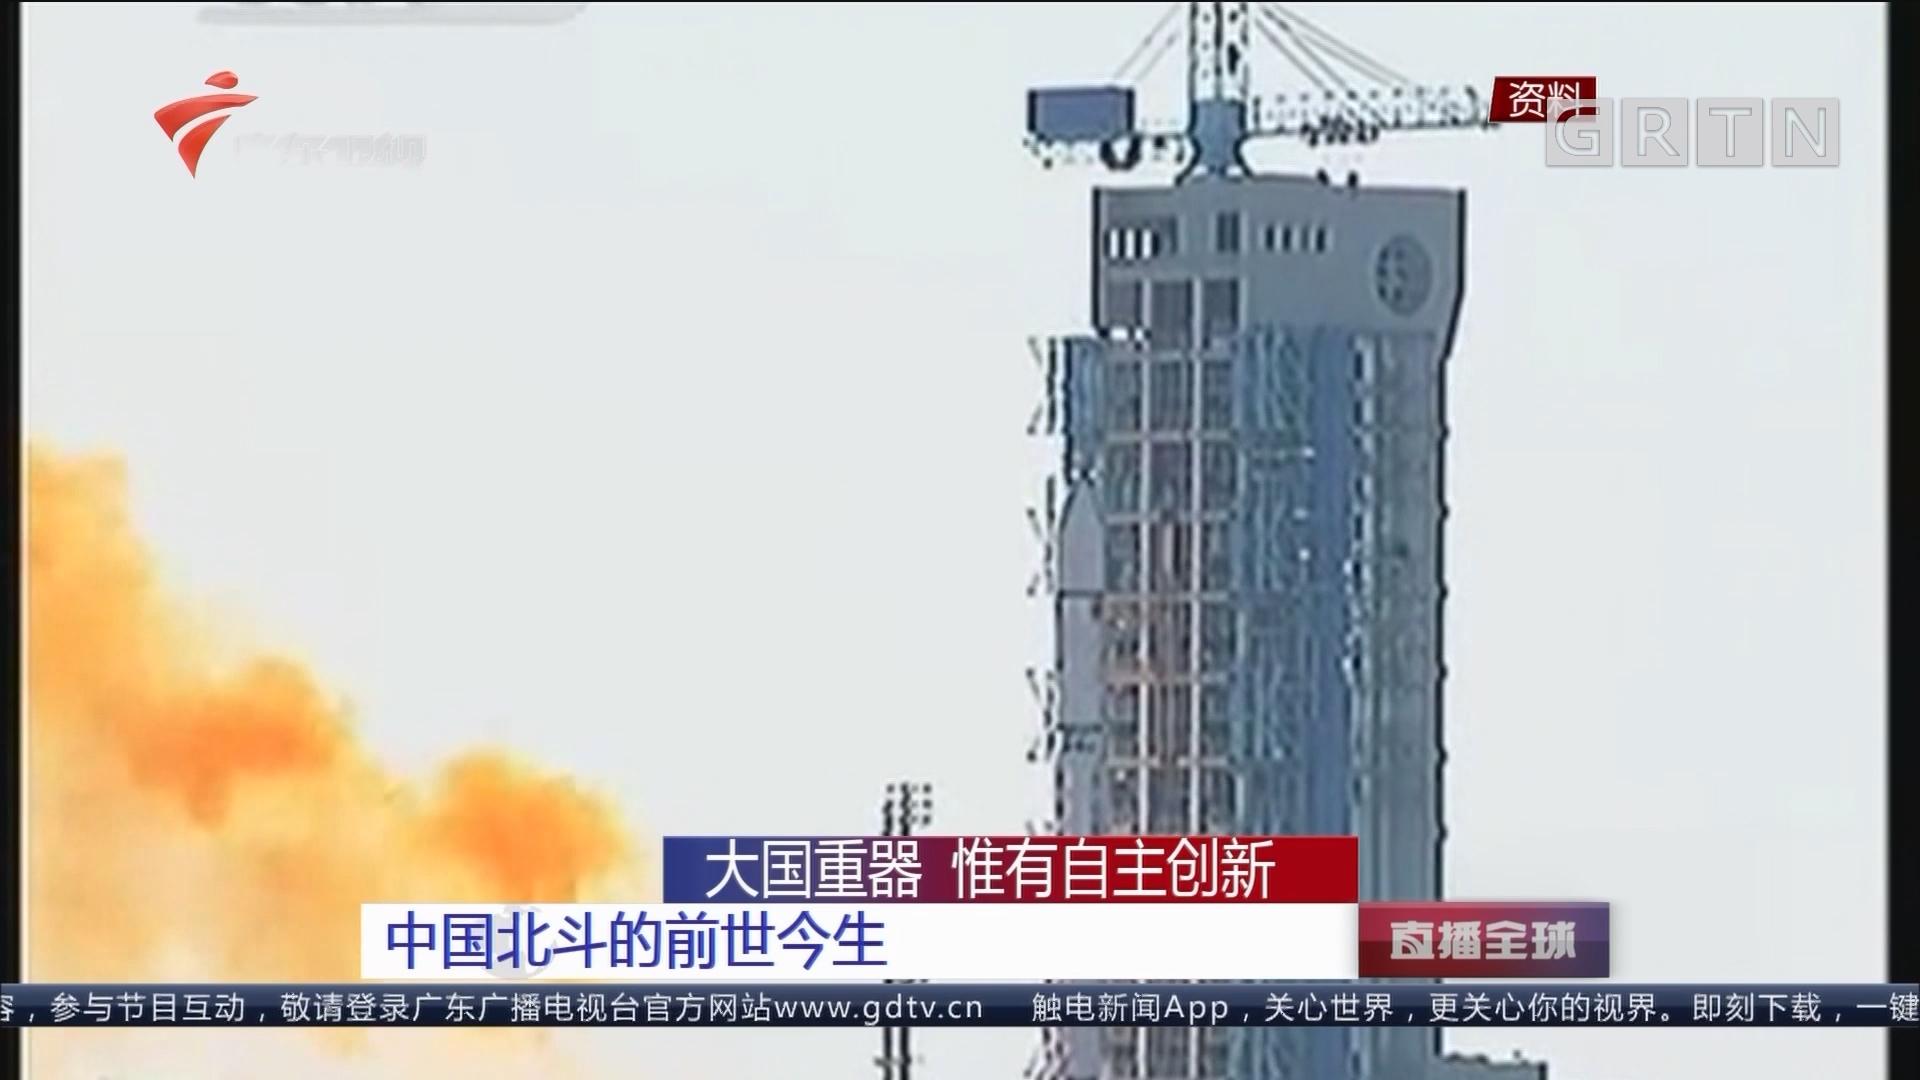 大国重器 惟有自主创新:中国北斗的前世今生